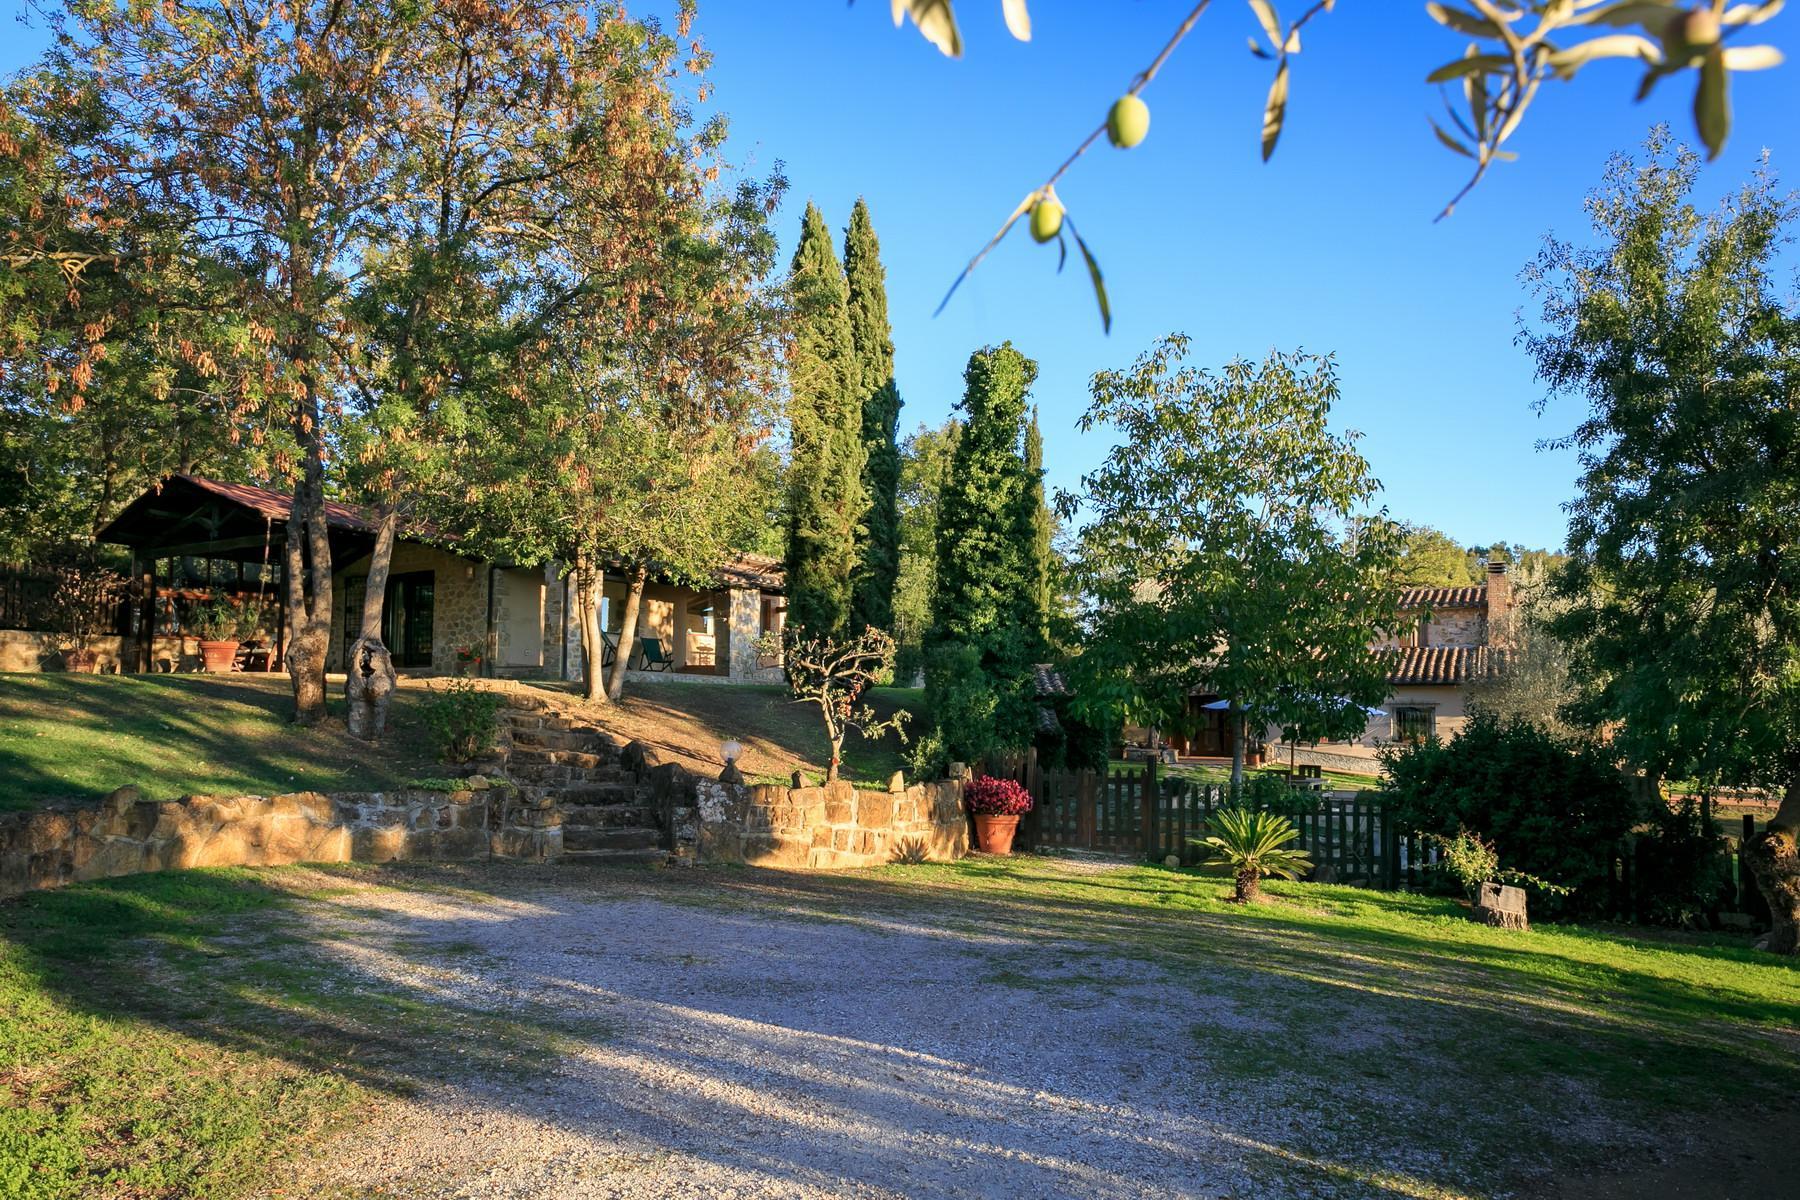 俯瞰Saturnia和周边优美景致的农舍且享有副楼 - 12